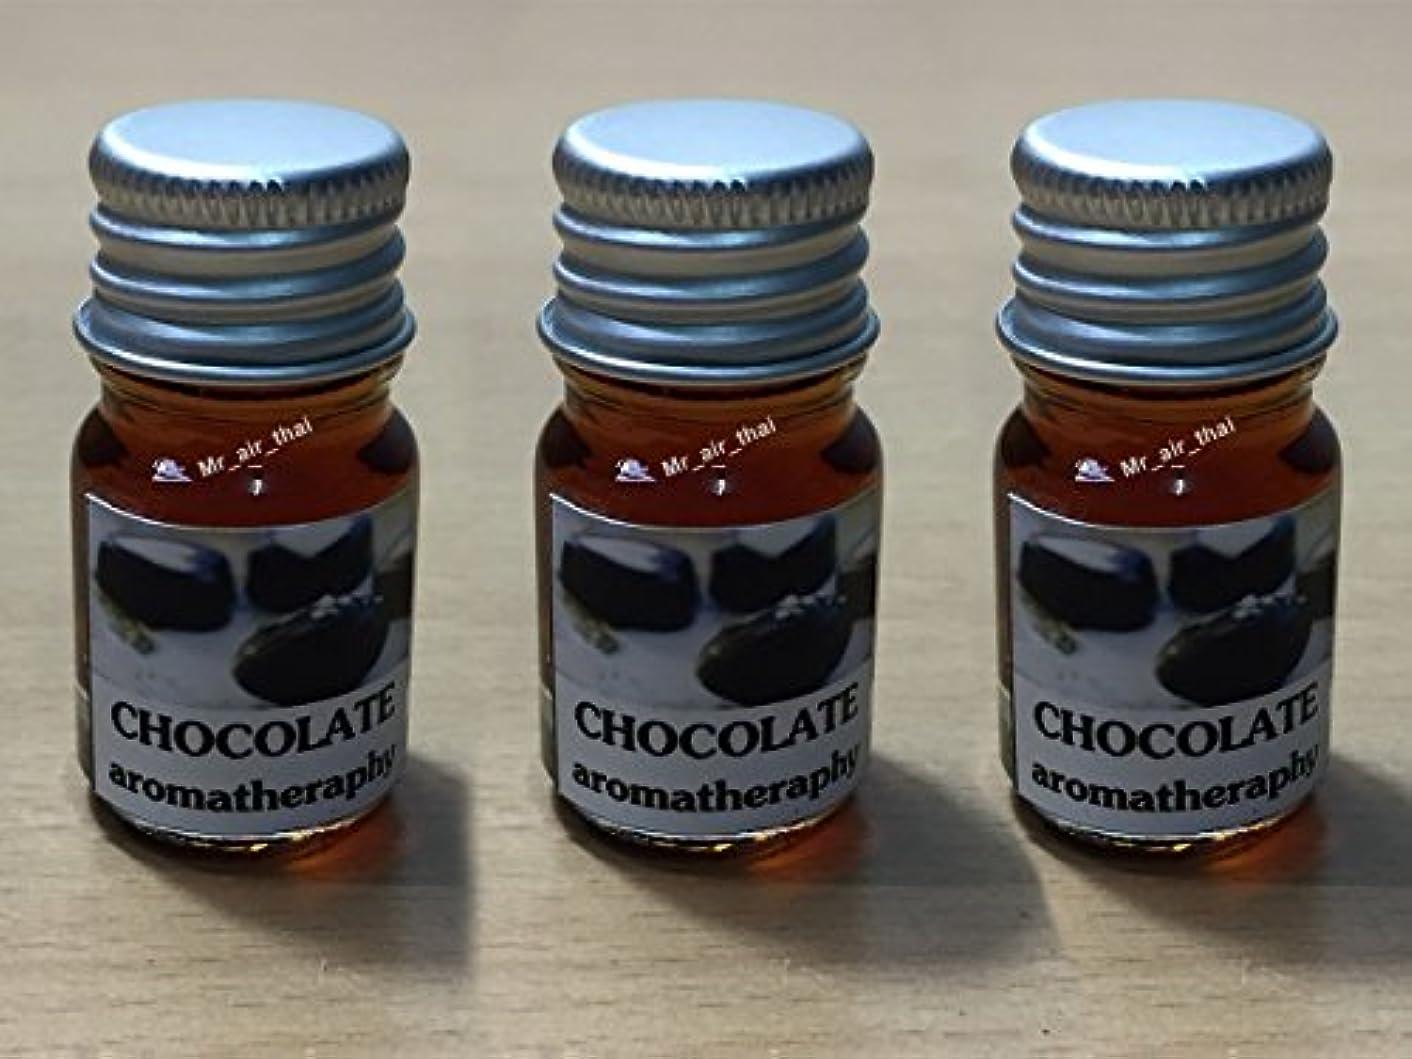 胸休みレギュラー3個セット,5ミリリットルアロマチョコレートフランクインセンスエッセンシャルオイルボトルアロマテラピーオイル自然自然 3PC 5ml Aroma Chocolate Frankincense Essential Oil...